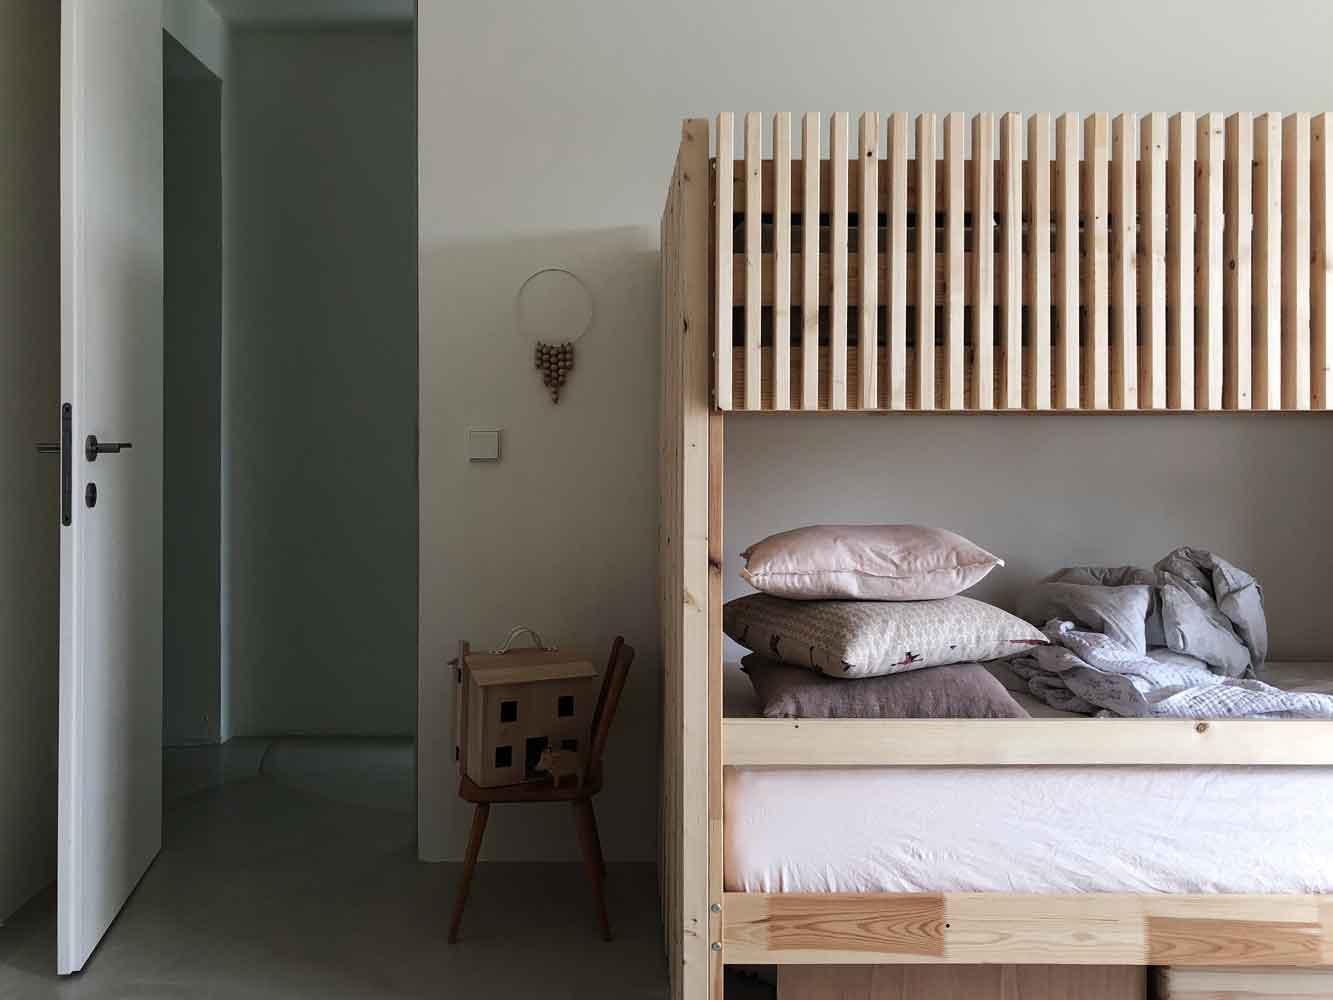 Kinderzimmer Stockbett Puppenhaus Holz Holztier Ostheimer Wanddekoration - 5 Min DIY | eine schlichte Dekoration für´s Kinderzimmer